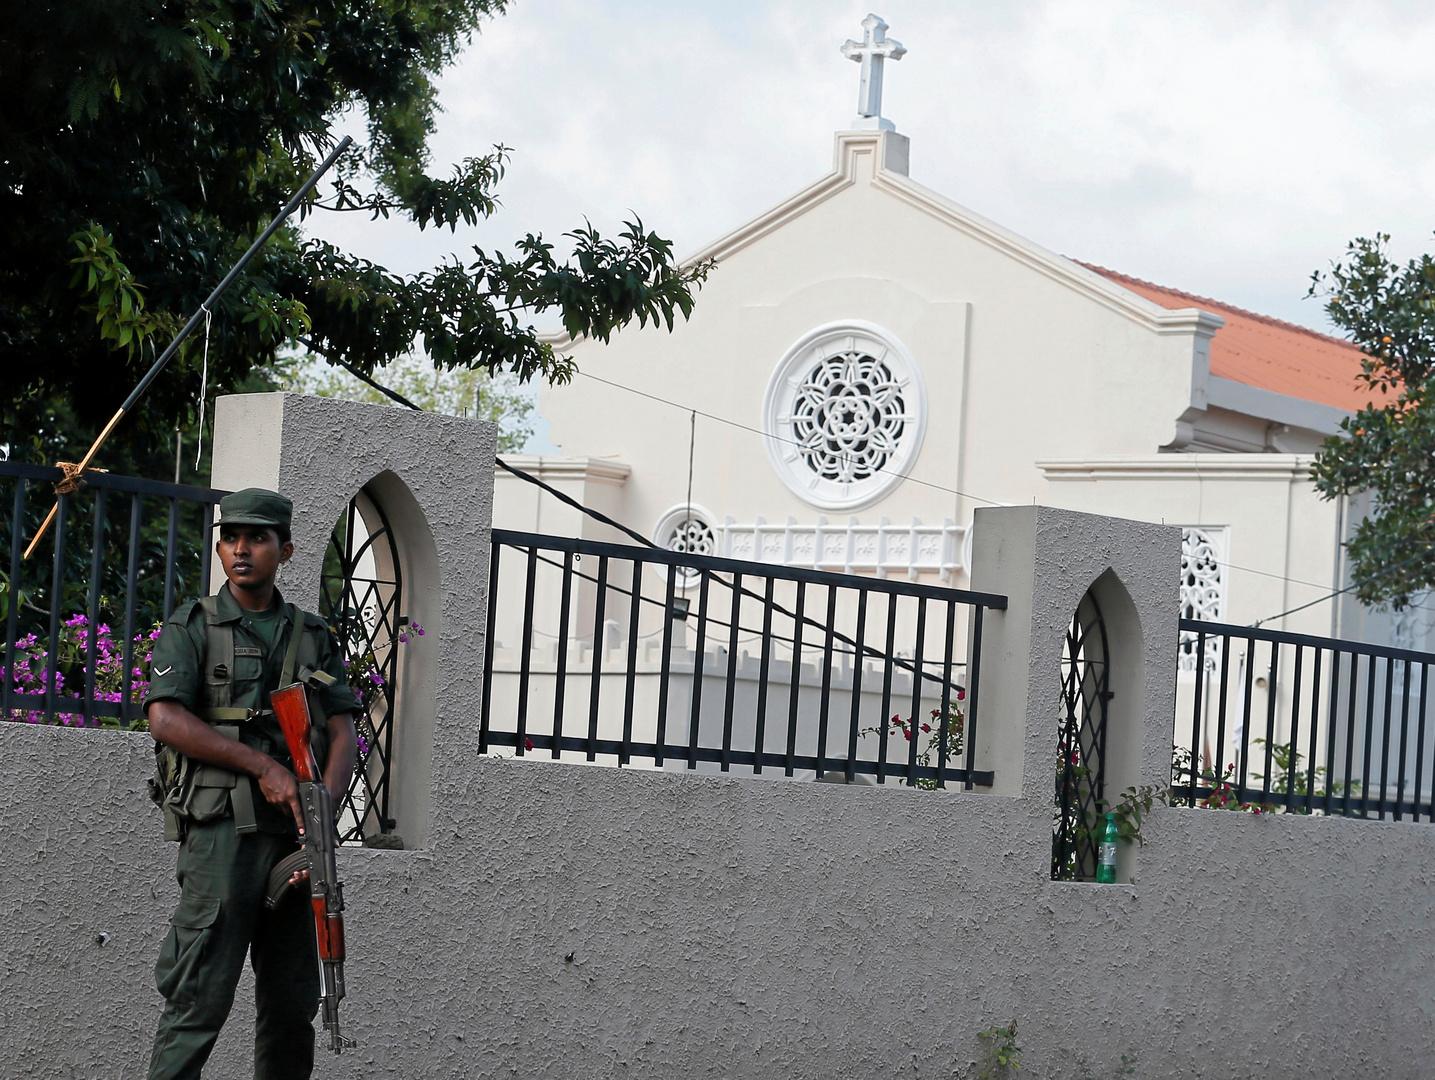 بعد انتهاء التحقيق في هجمات عيد الفصح.. سلطات سريلانكا تتعهد بمعاقبة جميع المسؤولين